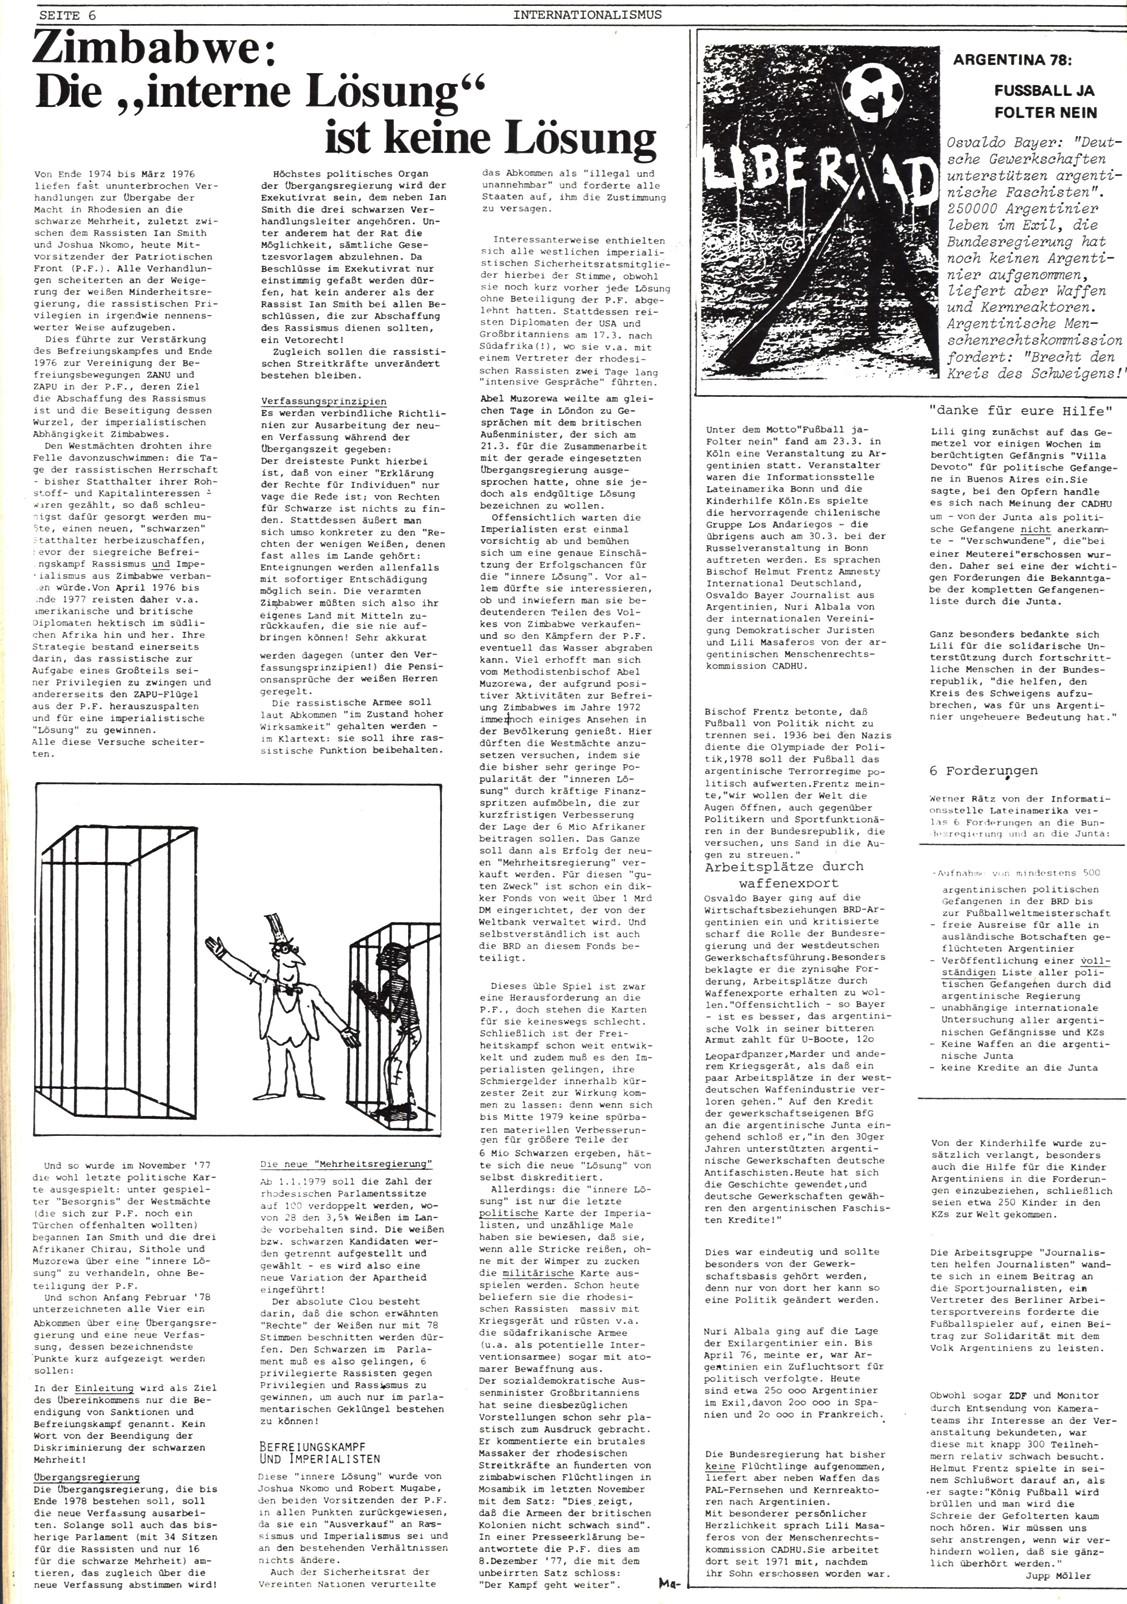 Bonner_Volksblatt_11_19780330_06